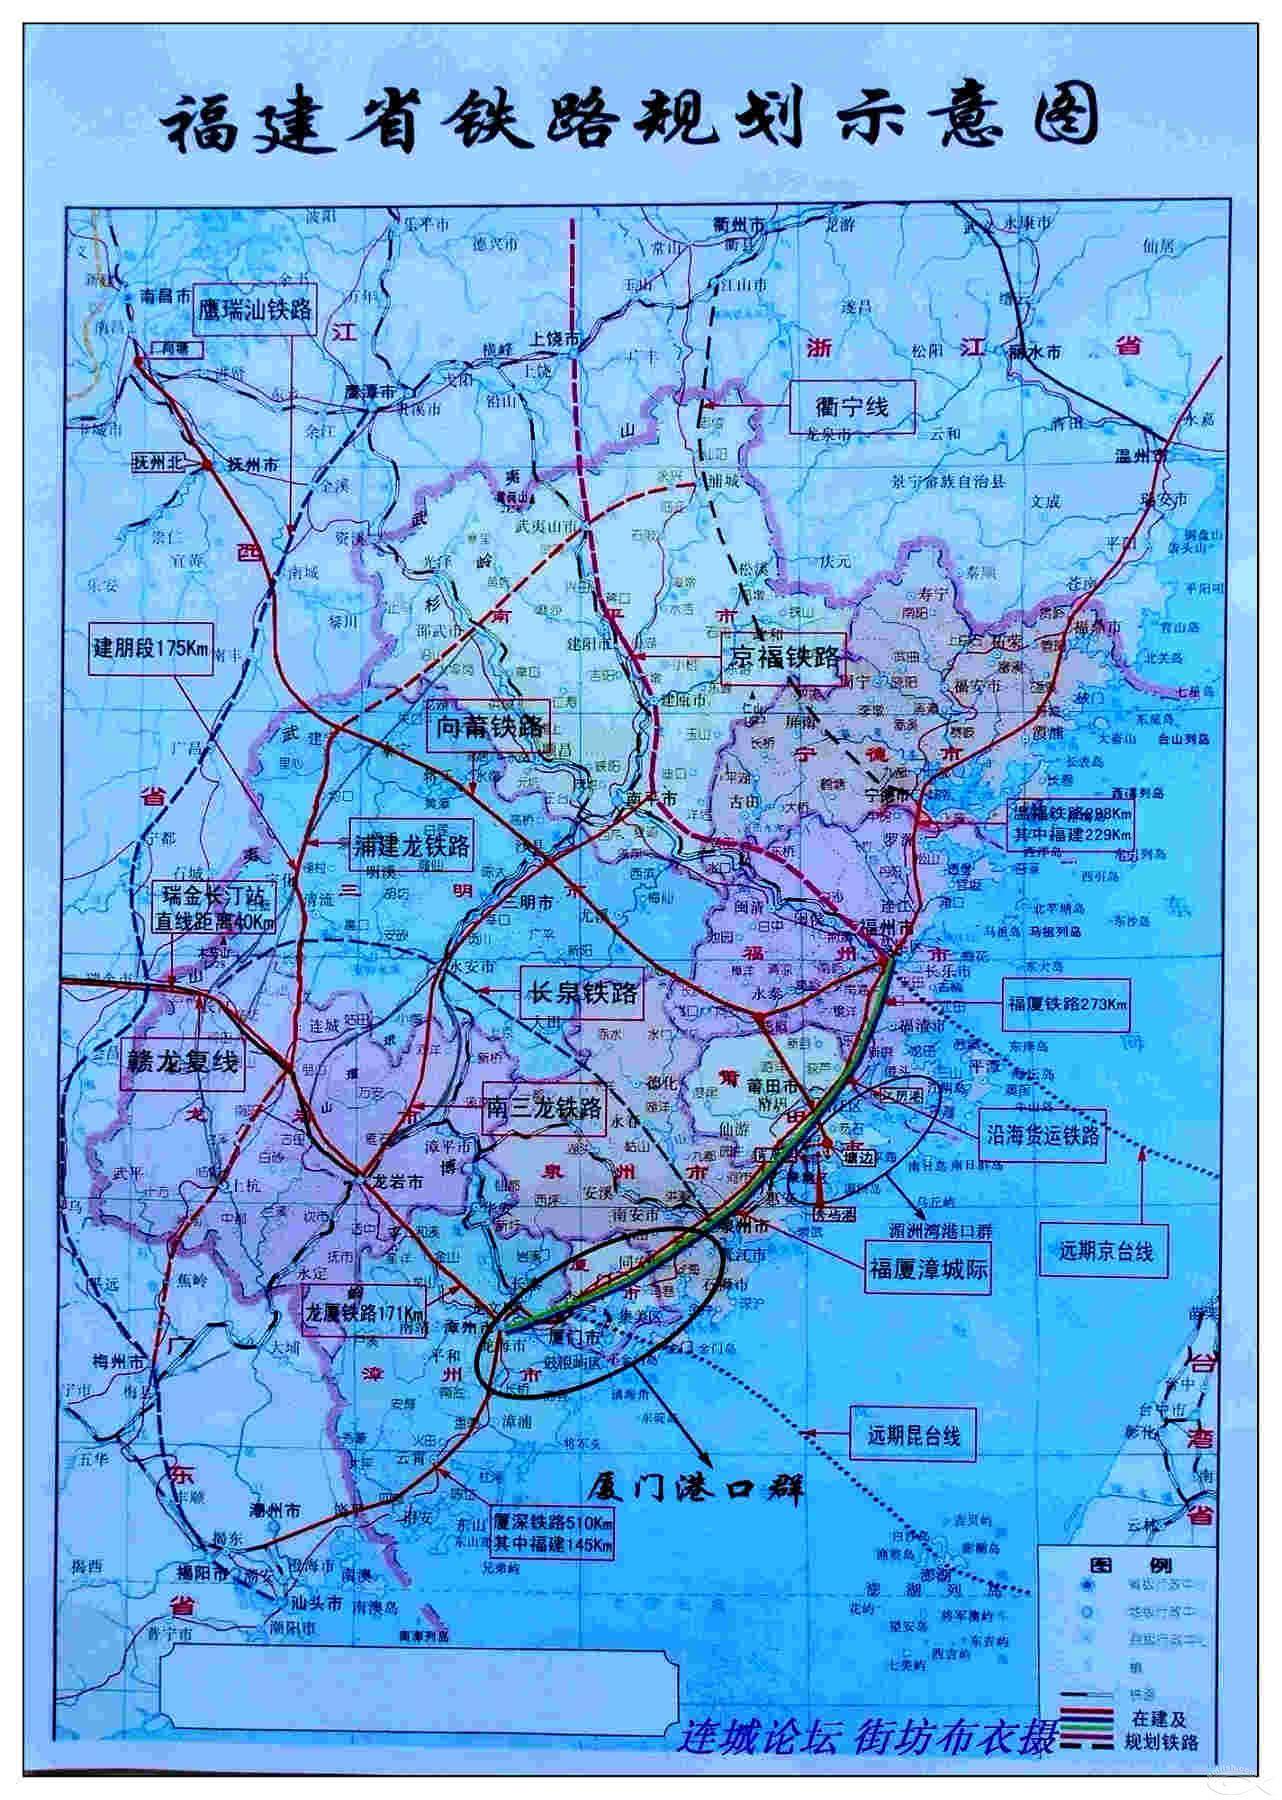 广西玉铁高速公路图_请问现在福建预建或者在建的高速、铁路有哪些?有具体的规划 ...